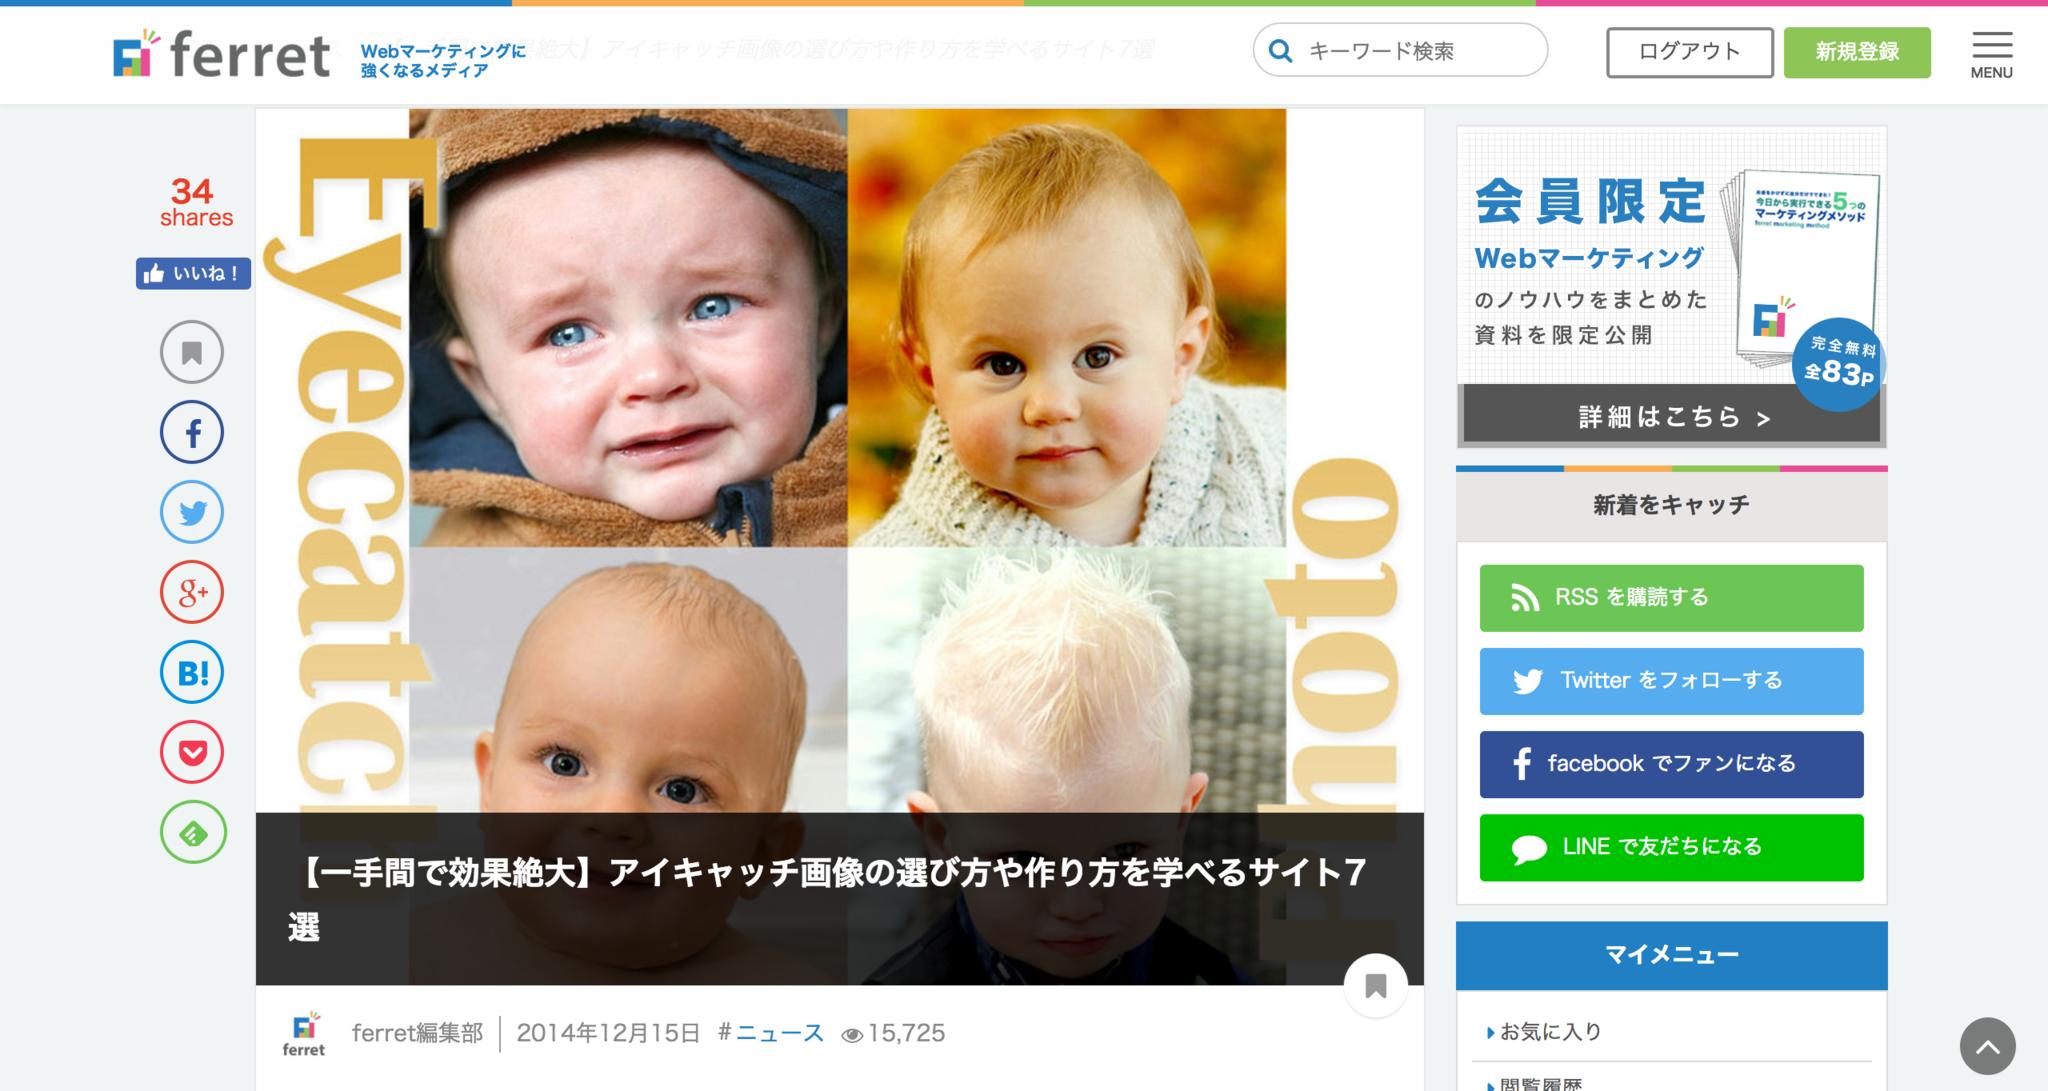 【一手間で効果絶大】アイキャッチ画像の選び方や作り方を学べるサイト7選|ferret__フェレット_.png